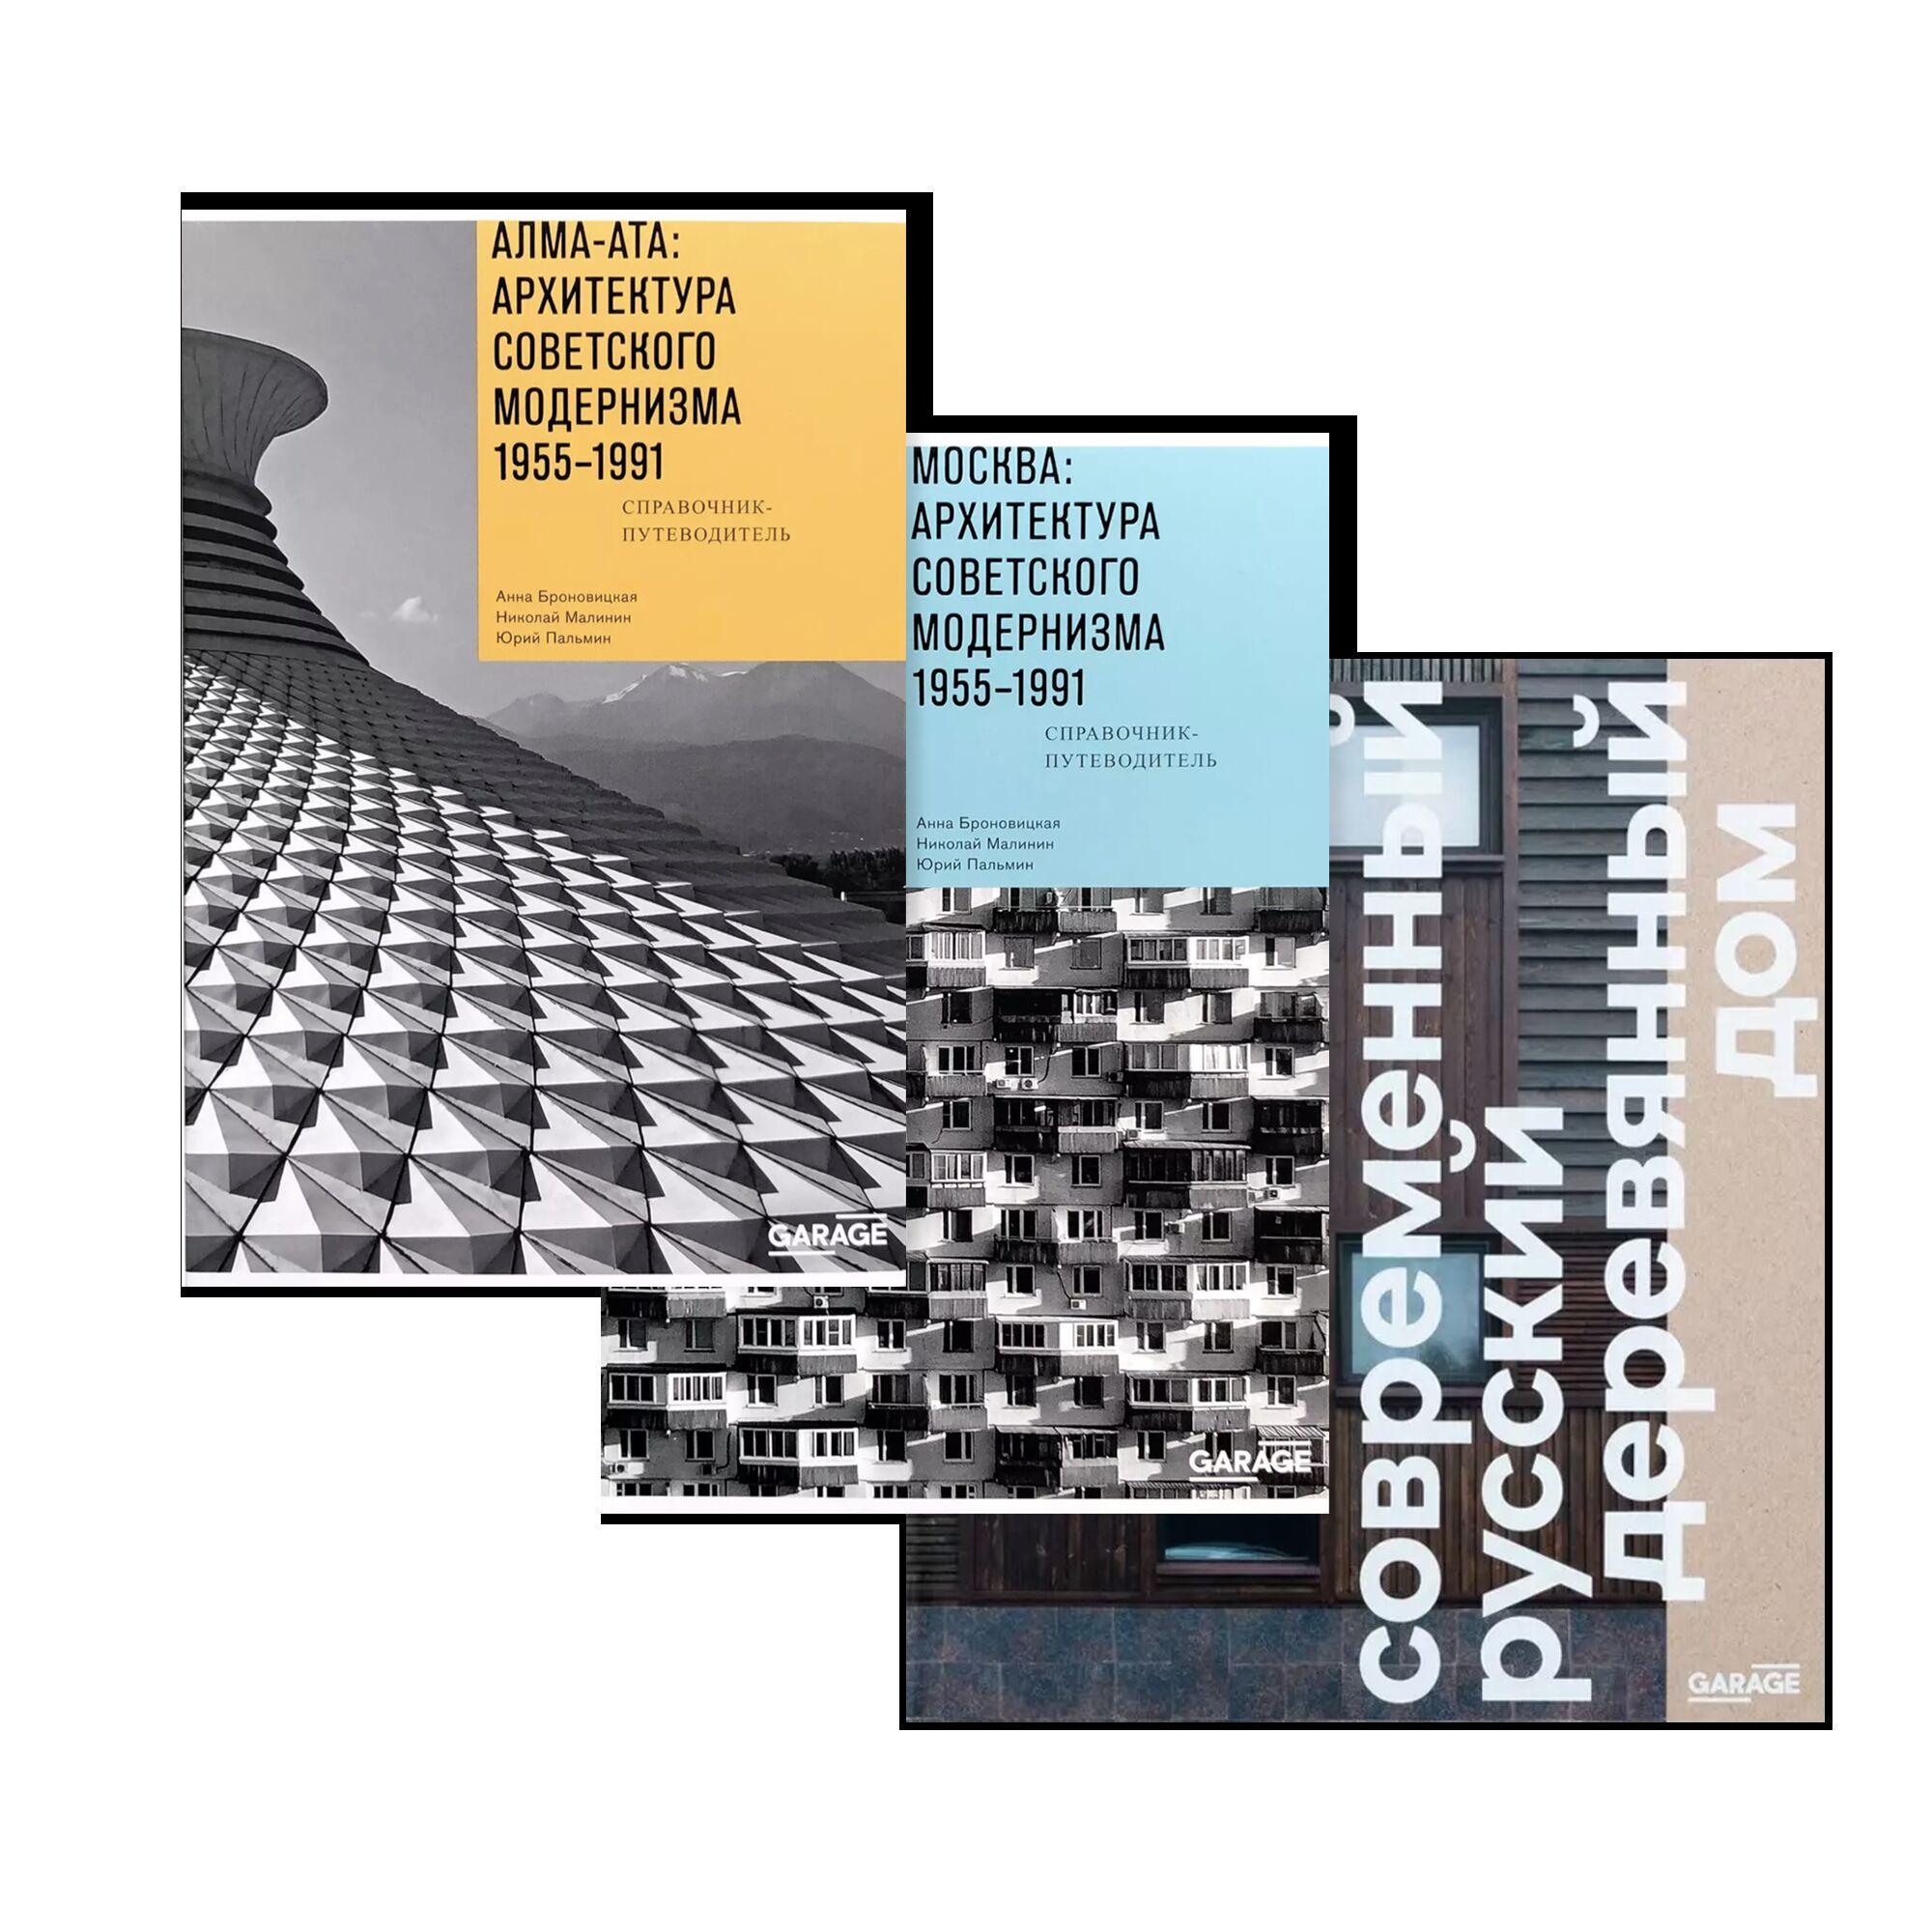 Рекомендуемое об архитектуре (3 книги)